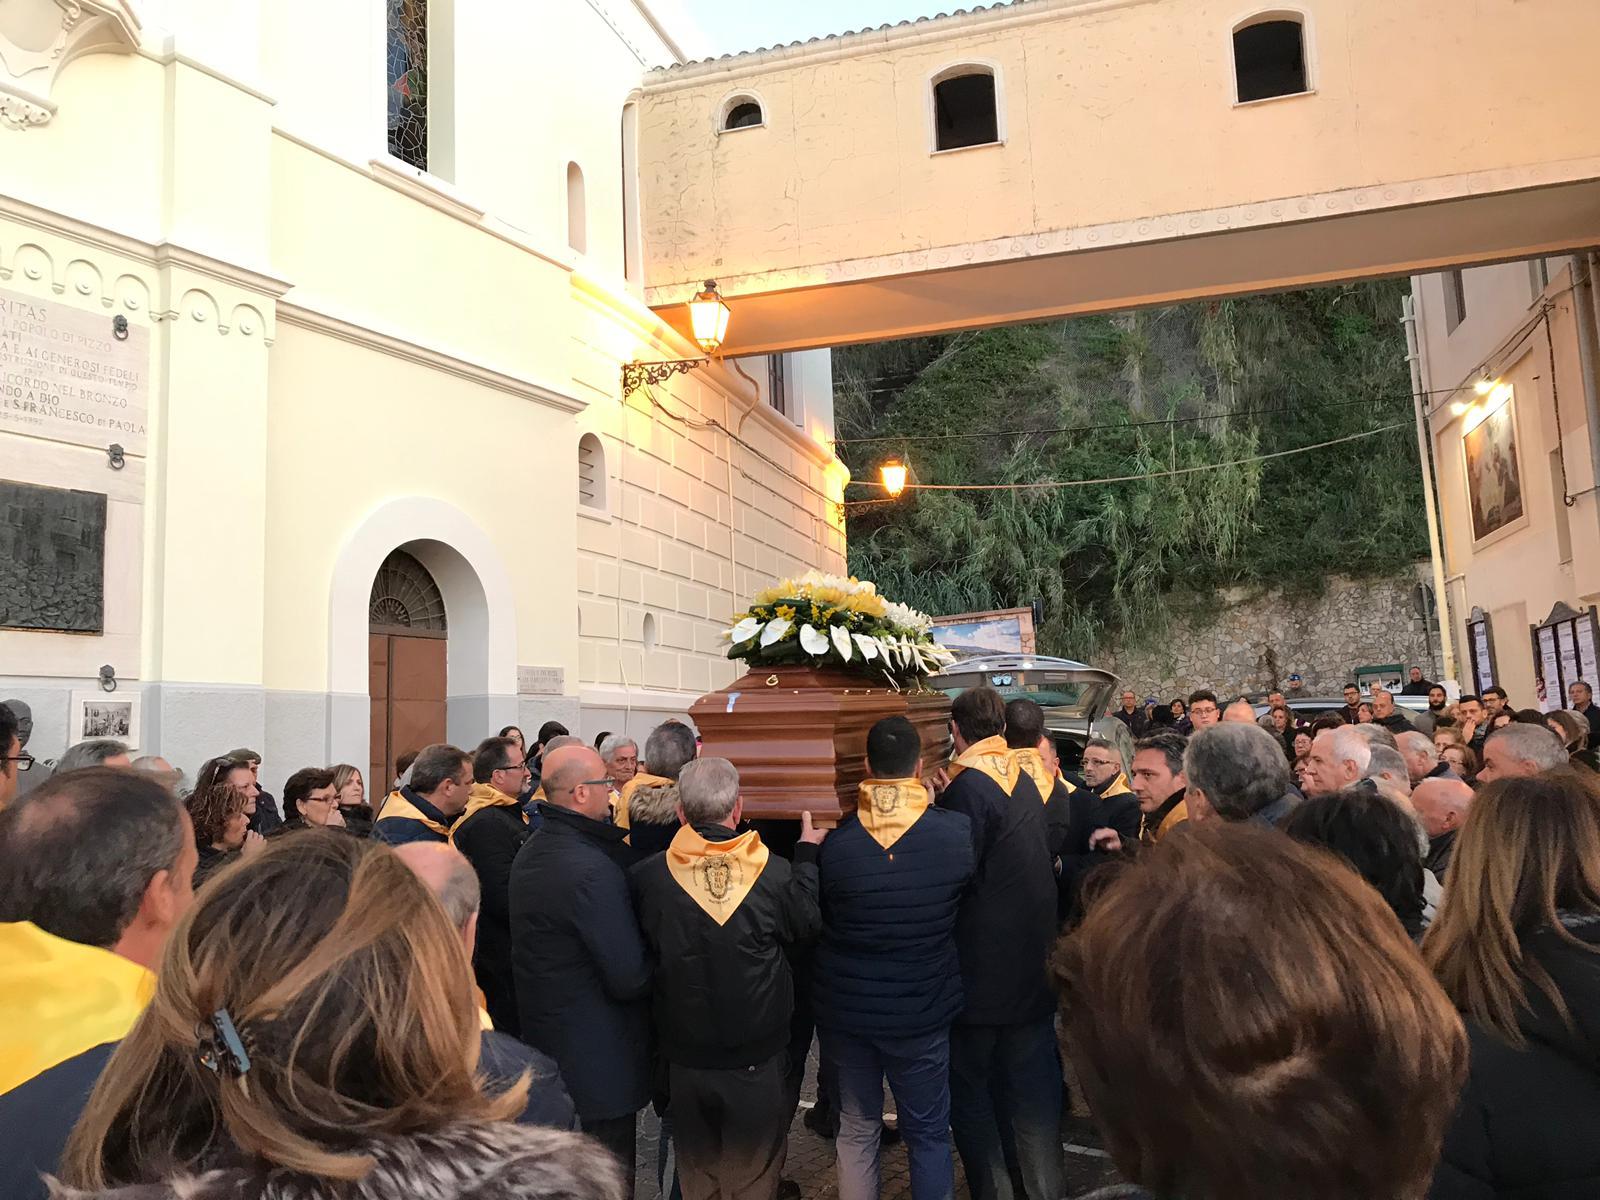 Commozione a Pizzo per i funerali di padre Rocco Benvenuto«Era un saggio amico e una guida spirituale»